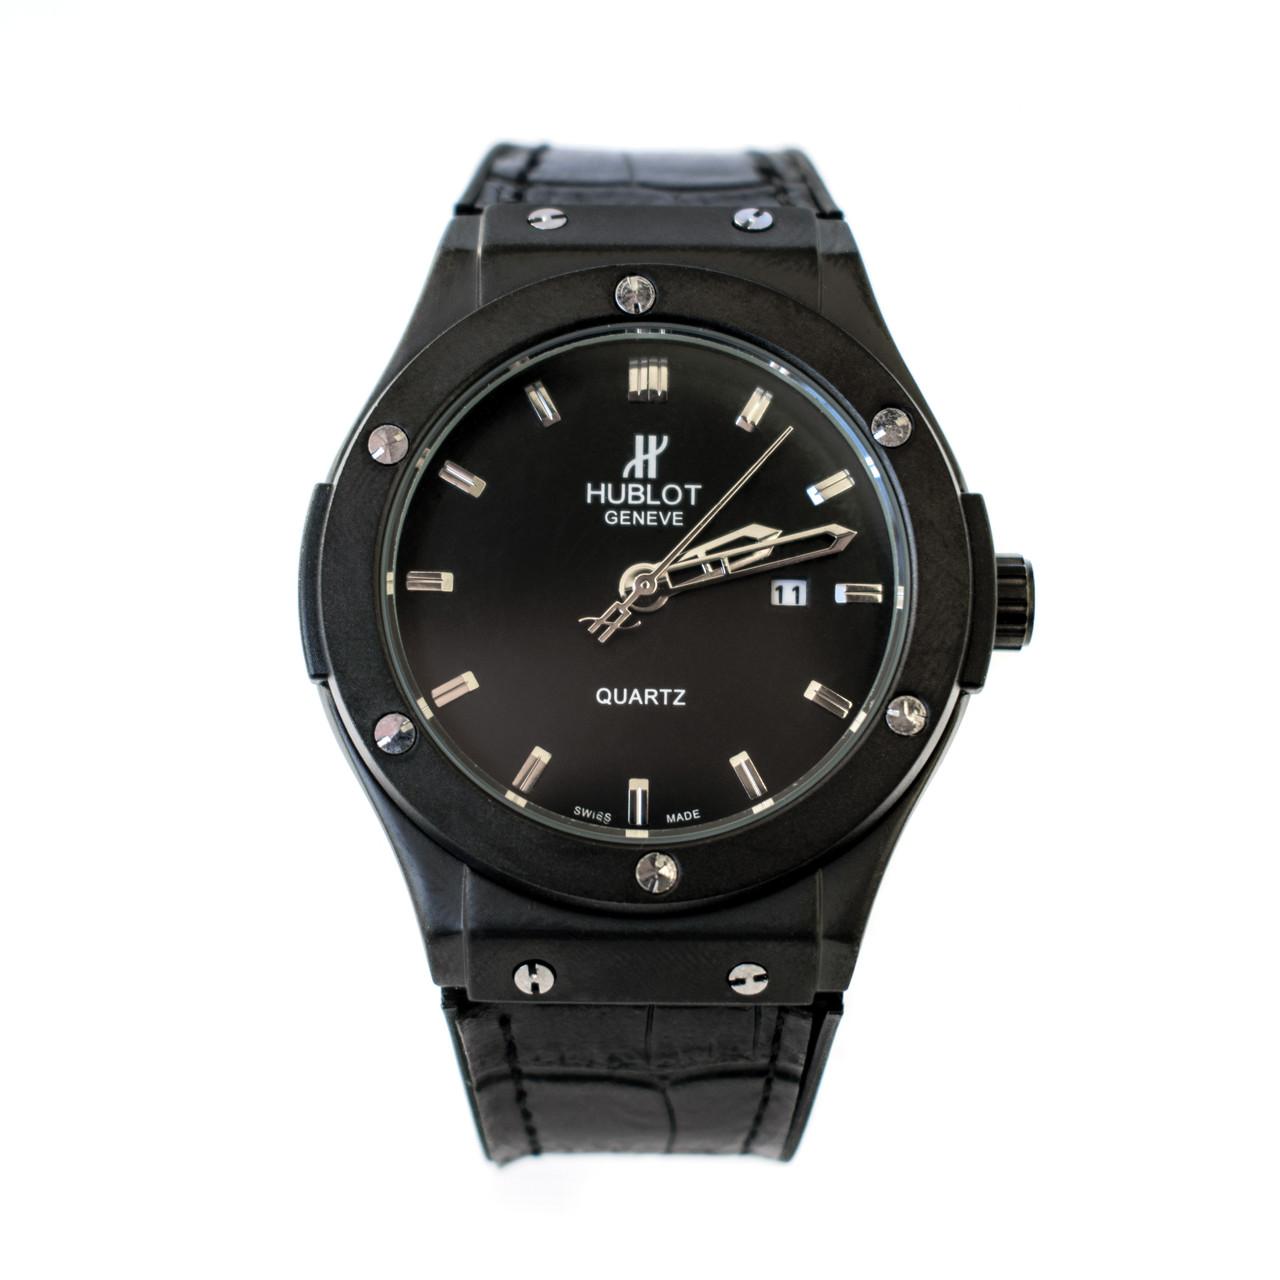 54af3c08c22d Мужские часы Hublot Big Bang черные (replica) - Интернет магазин Ocloc k в